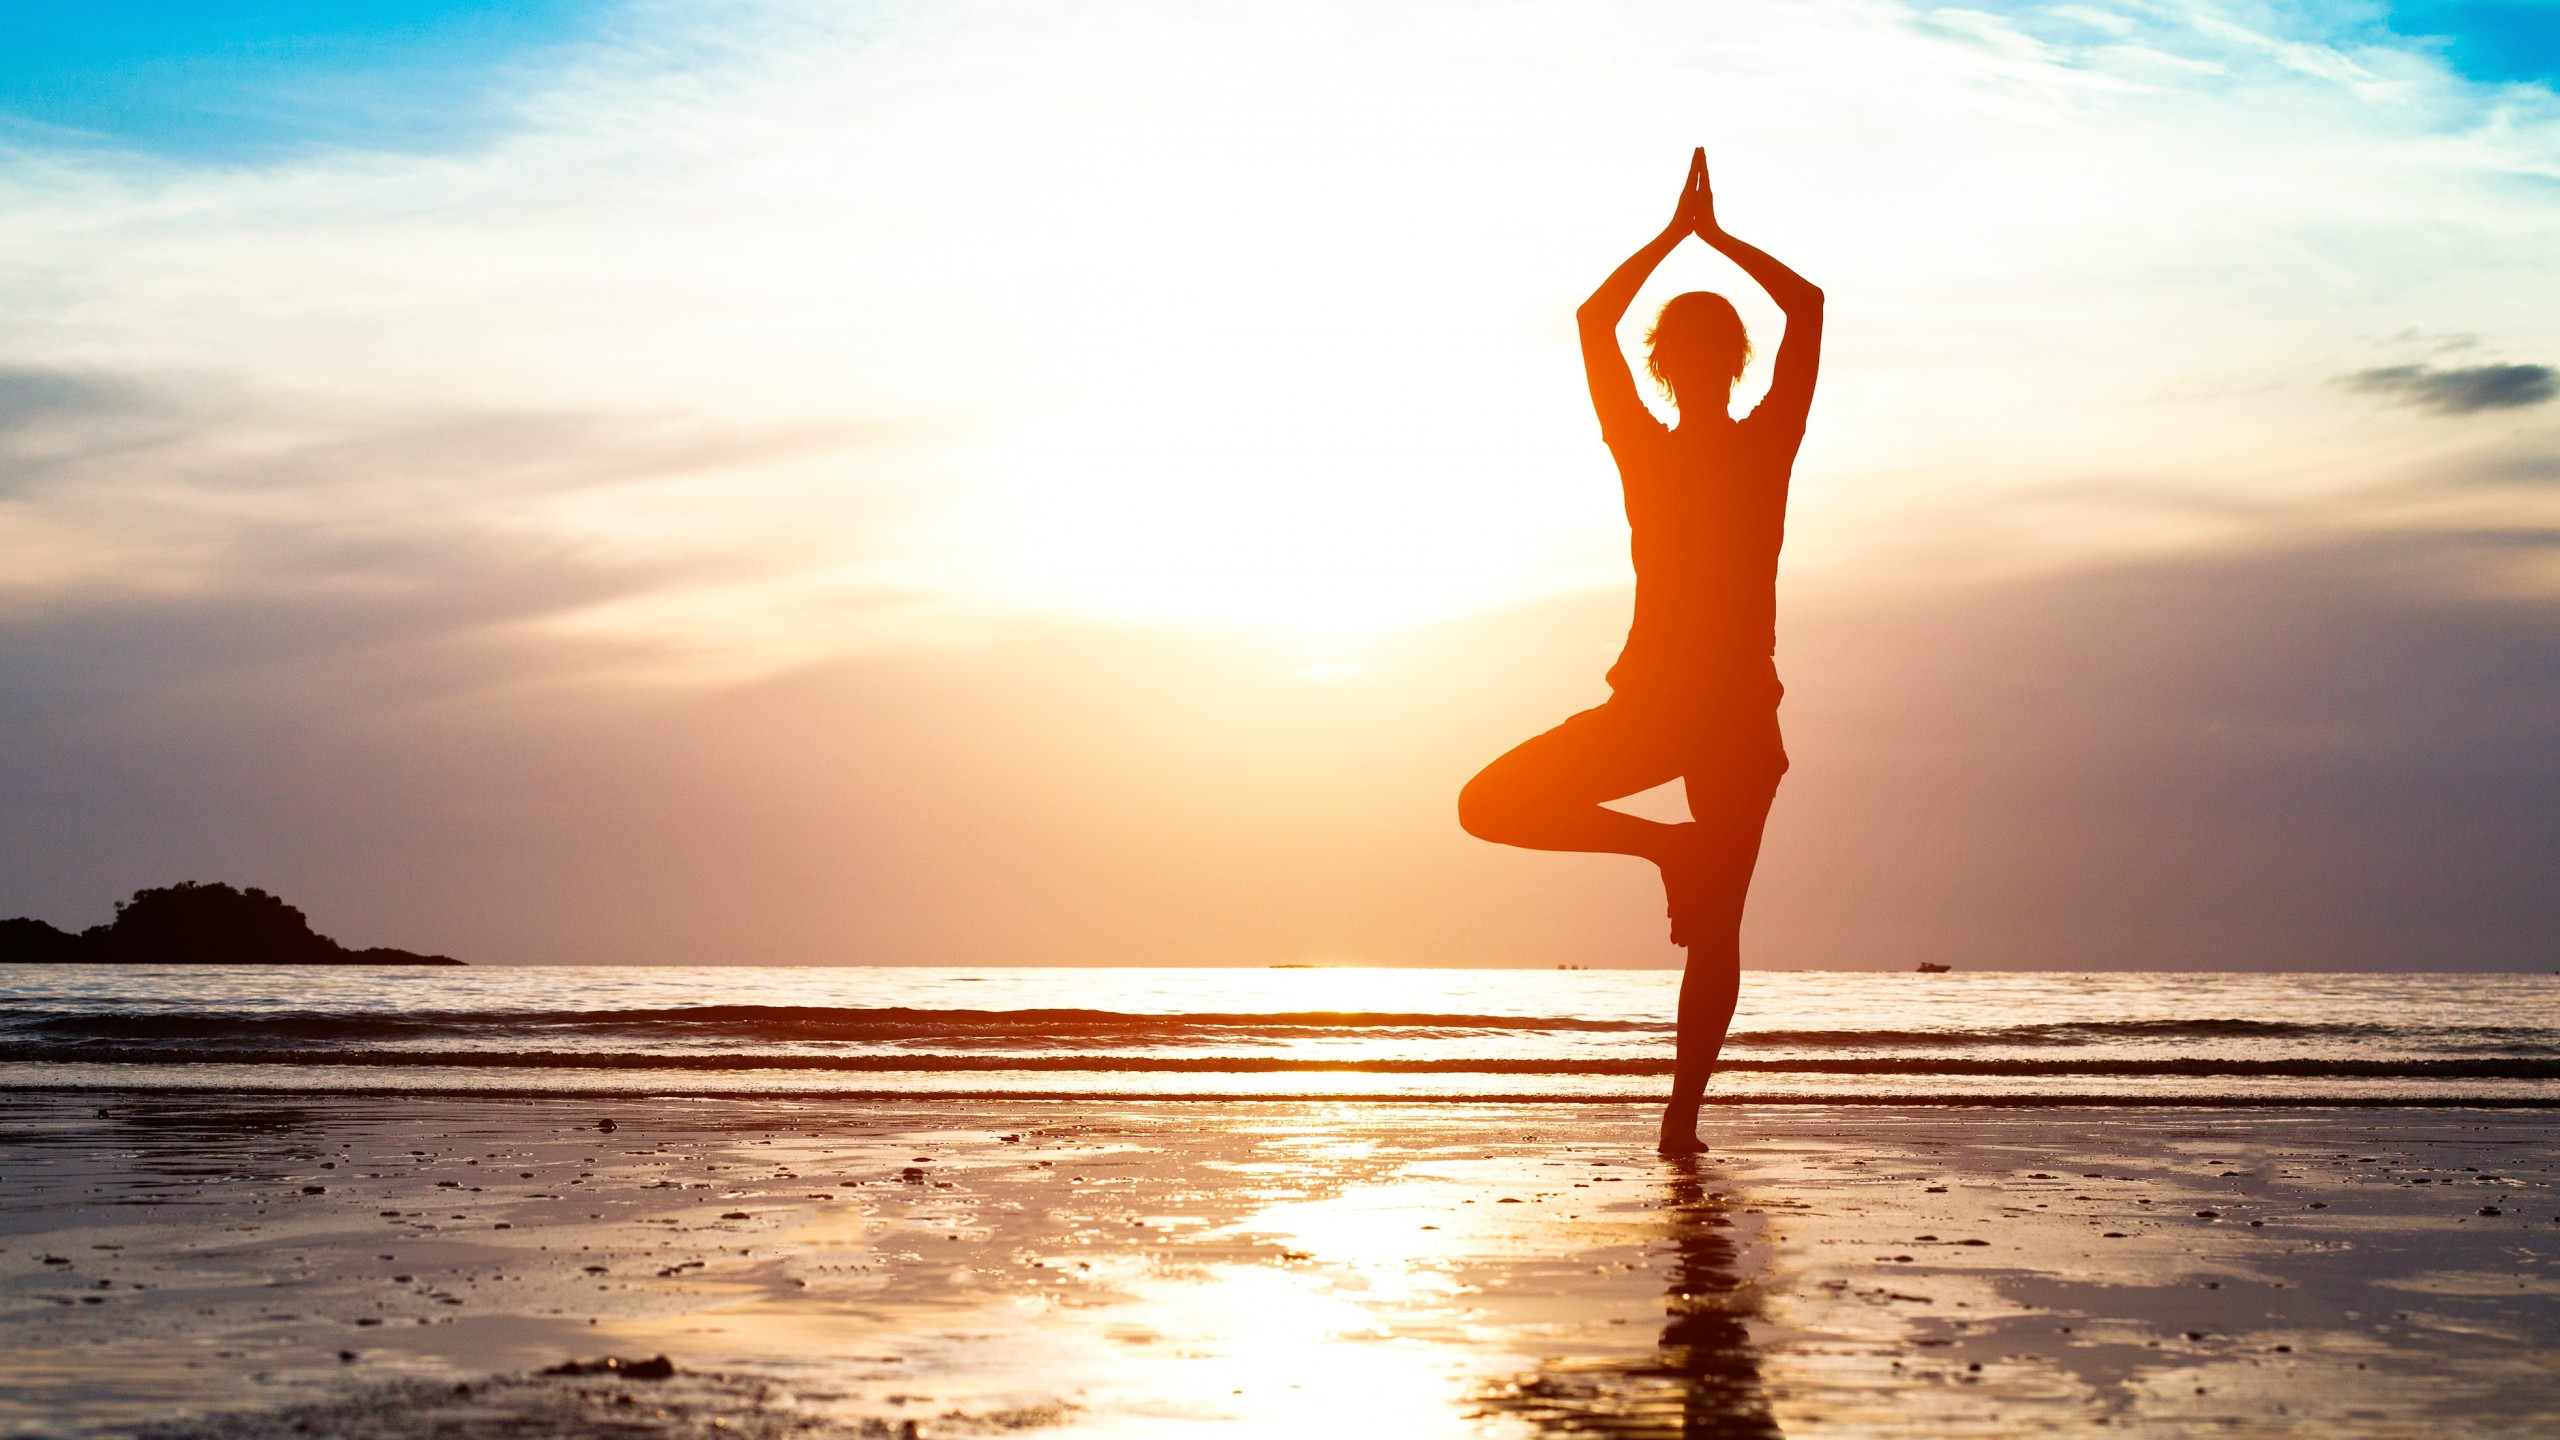 Wallpaper Yoga Girl Weight Loss Beach Sand Sun Relax